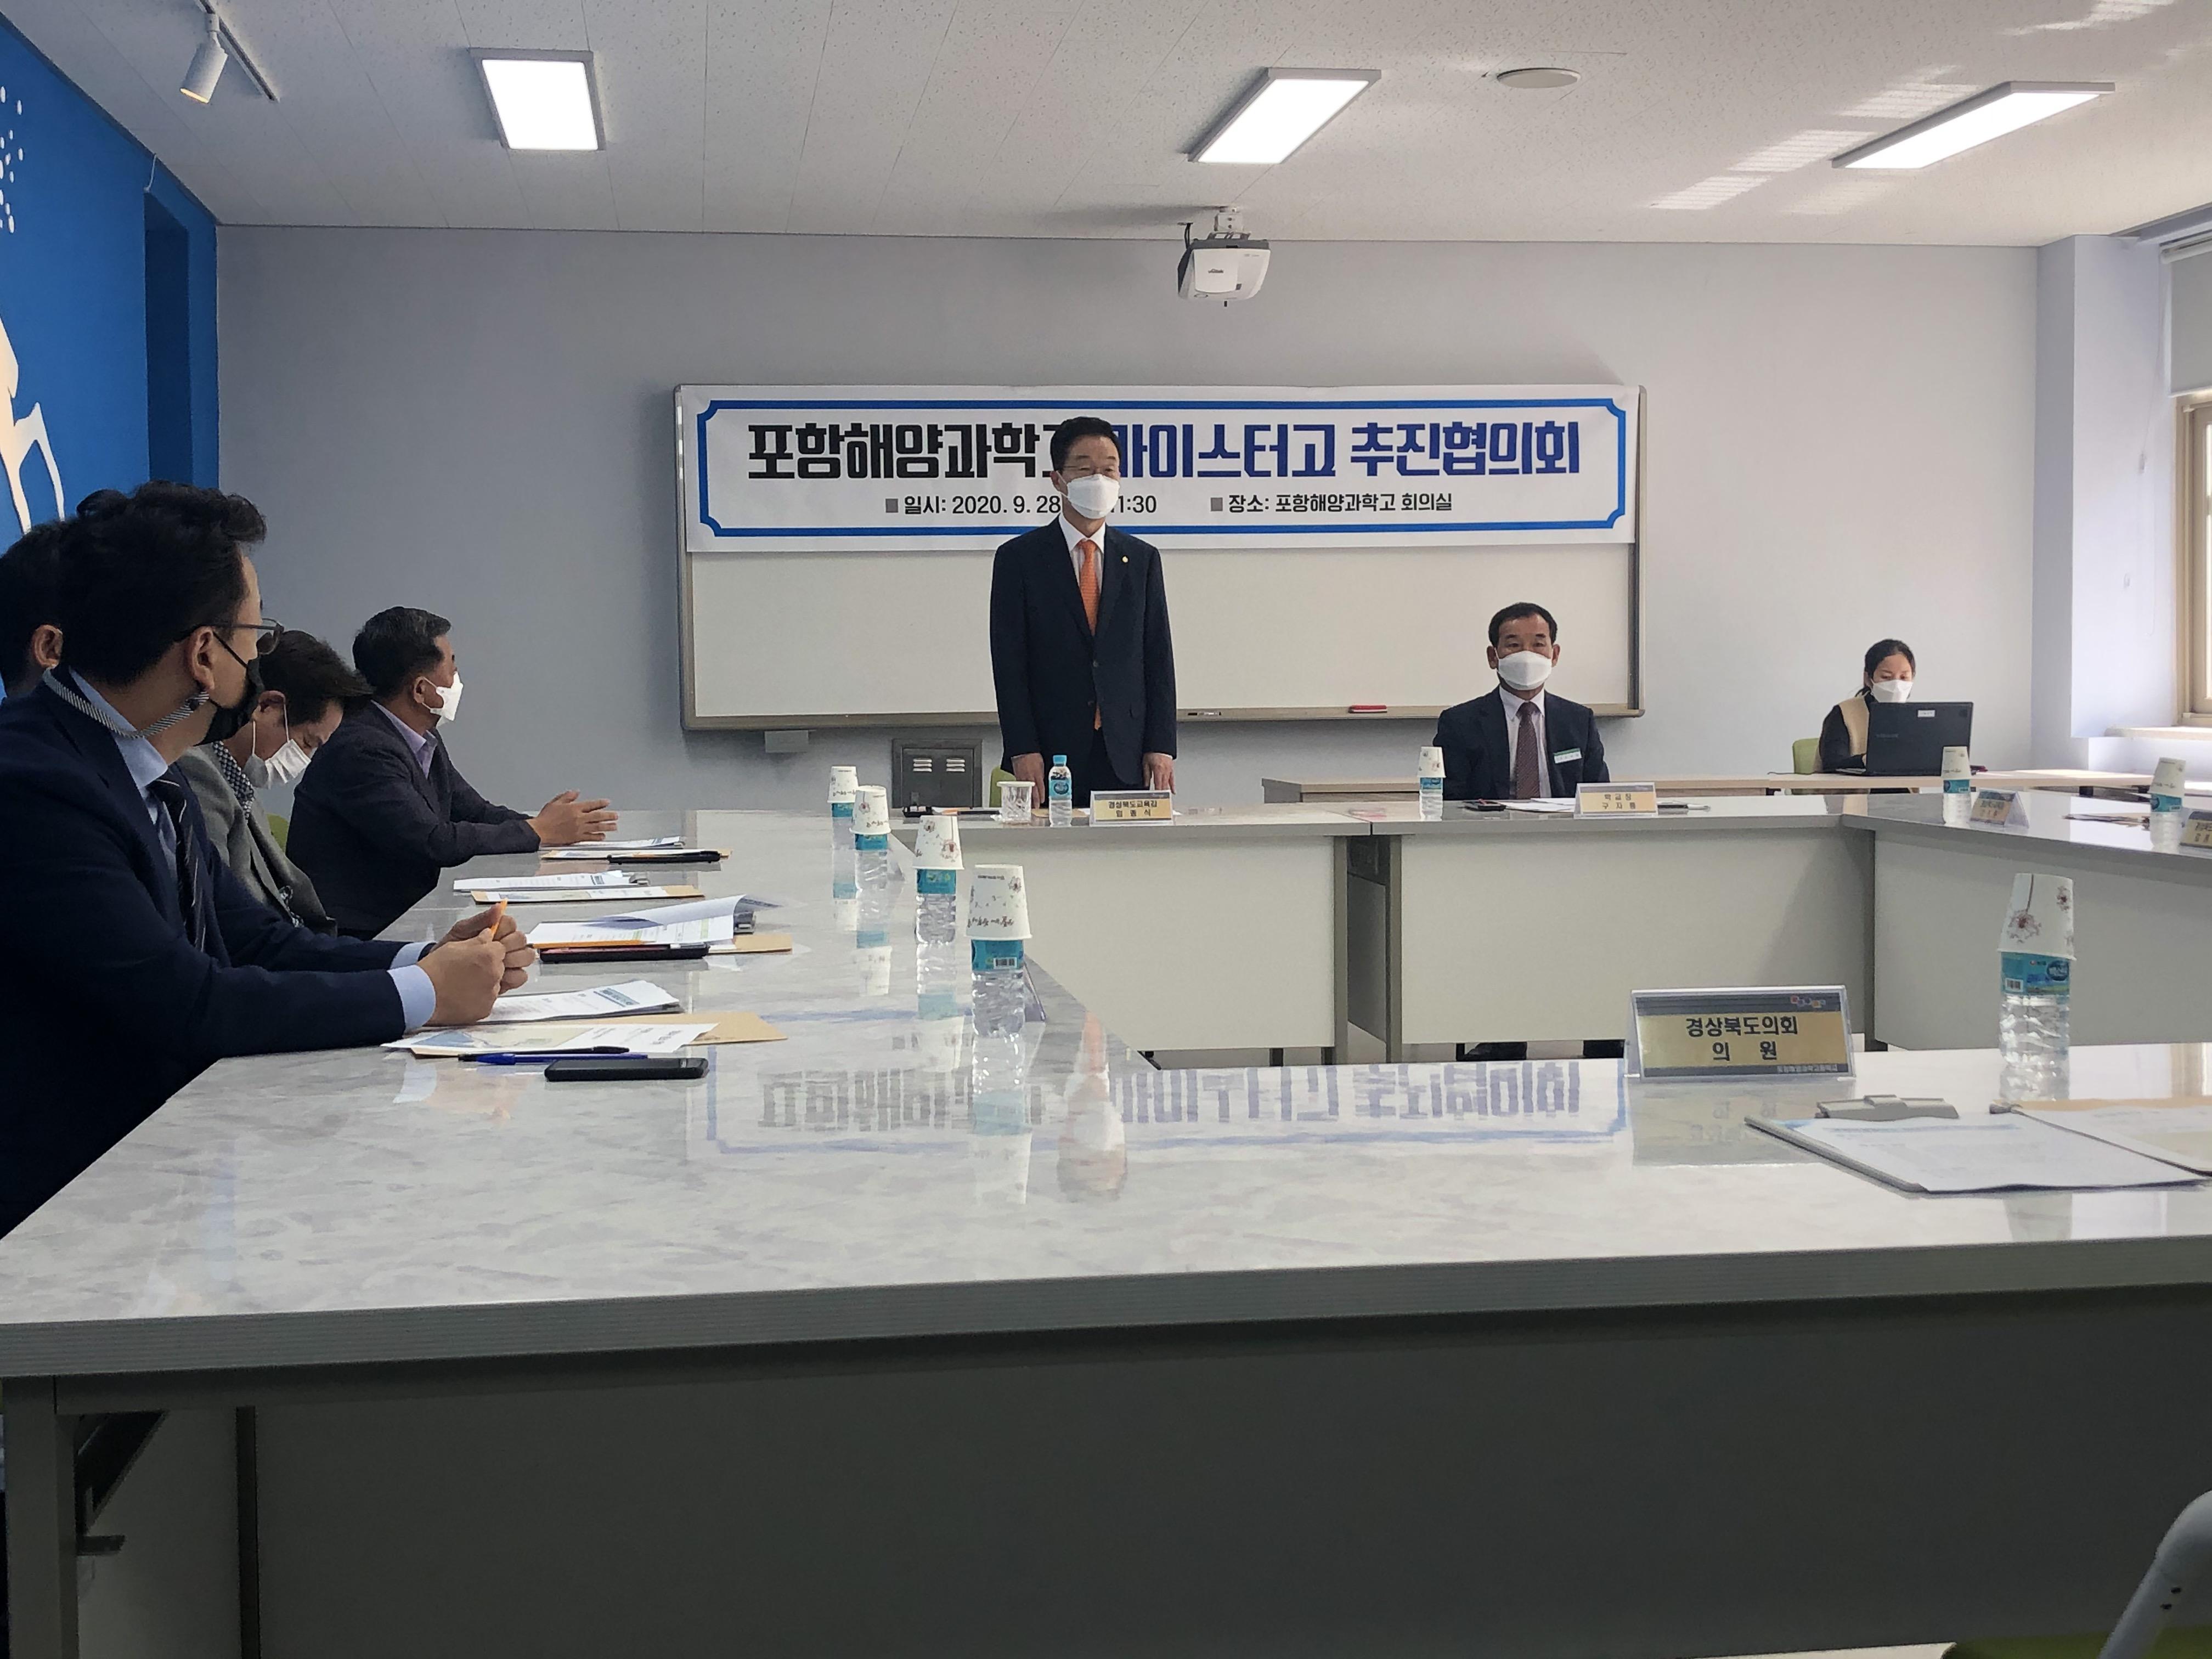 [경상]경북교육청, 대한민국 표준이 되는 경북직업교육 실현